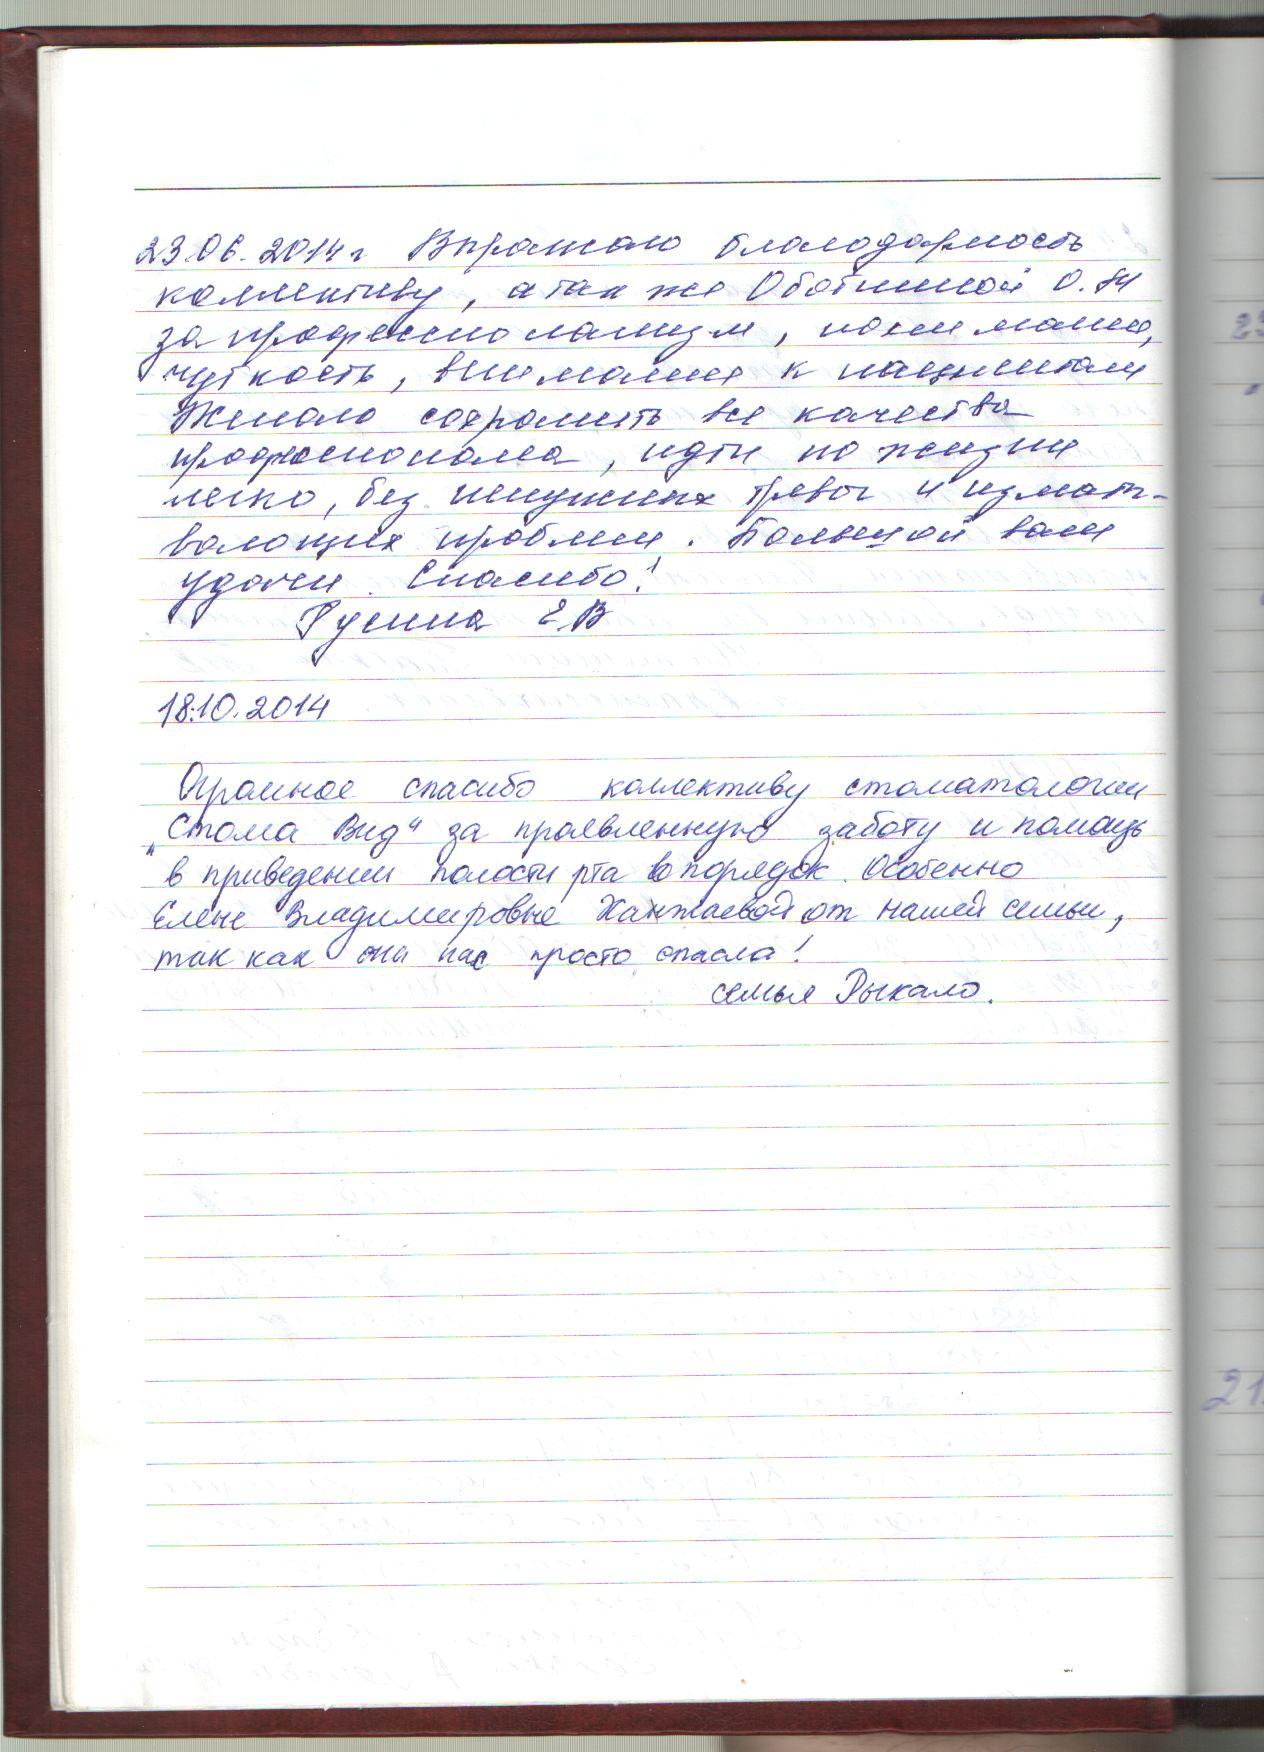 Otzyv_kniga_4.jpg